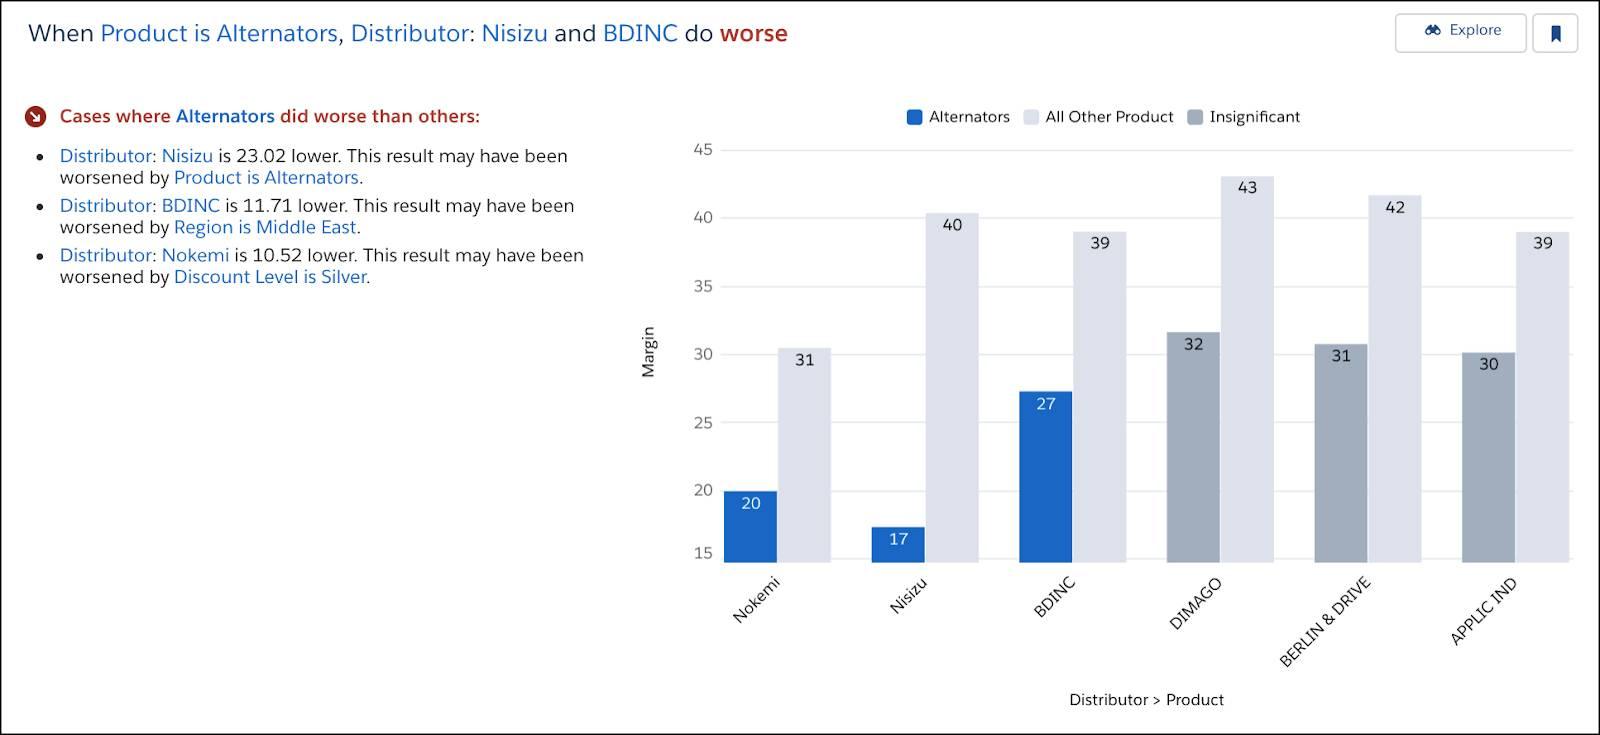 「When Product is Alternators, Distributor: Nisizu and BDINC do worse」 (商品がオルタネータの場合に、ディストリビューター Nisizu と BDINC の数値が悪い) というタイトルのインサイト